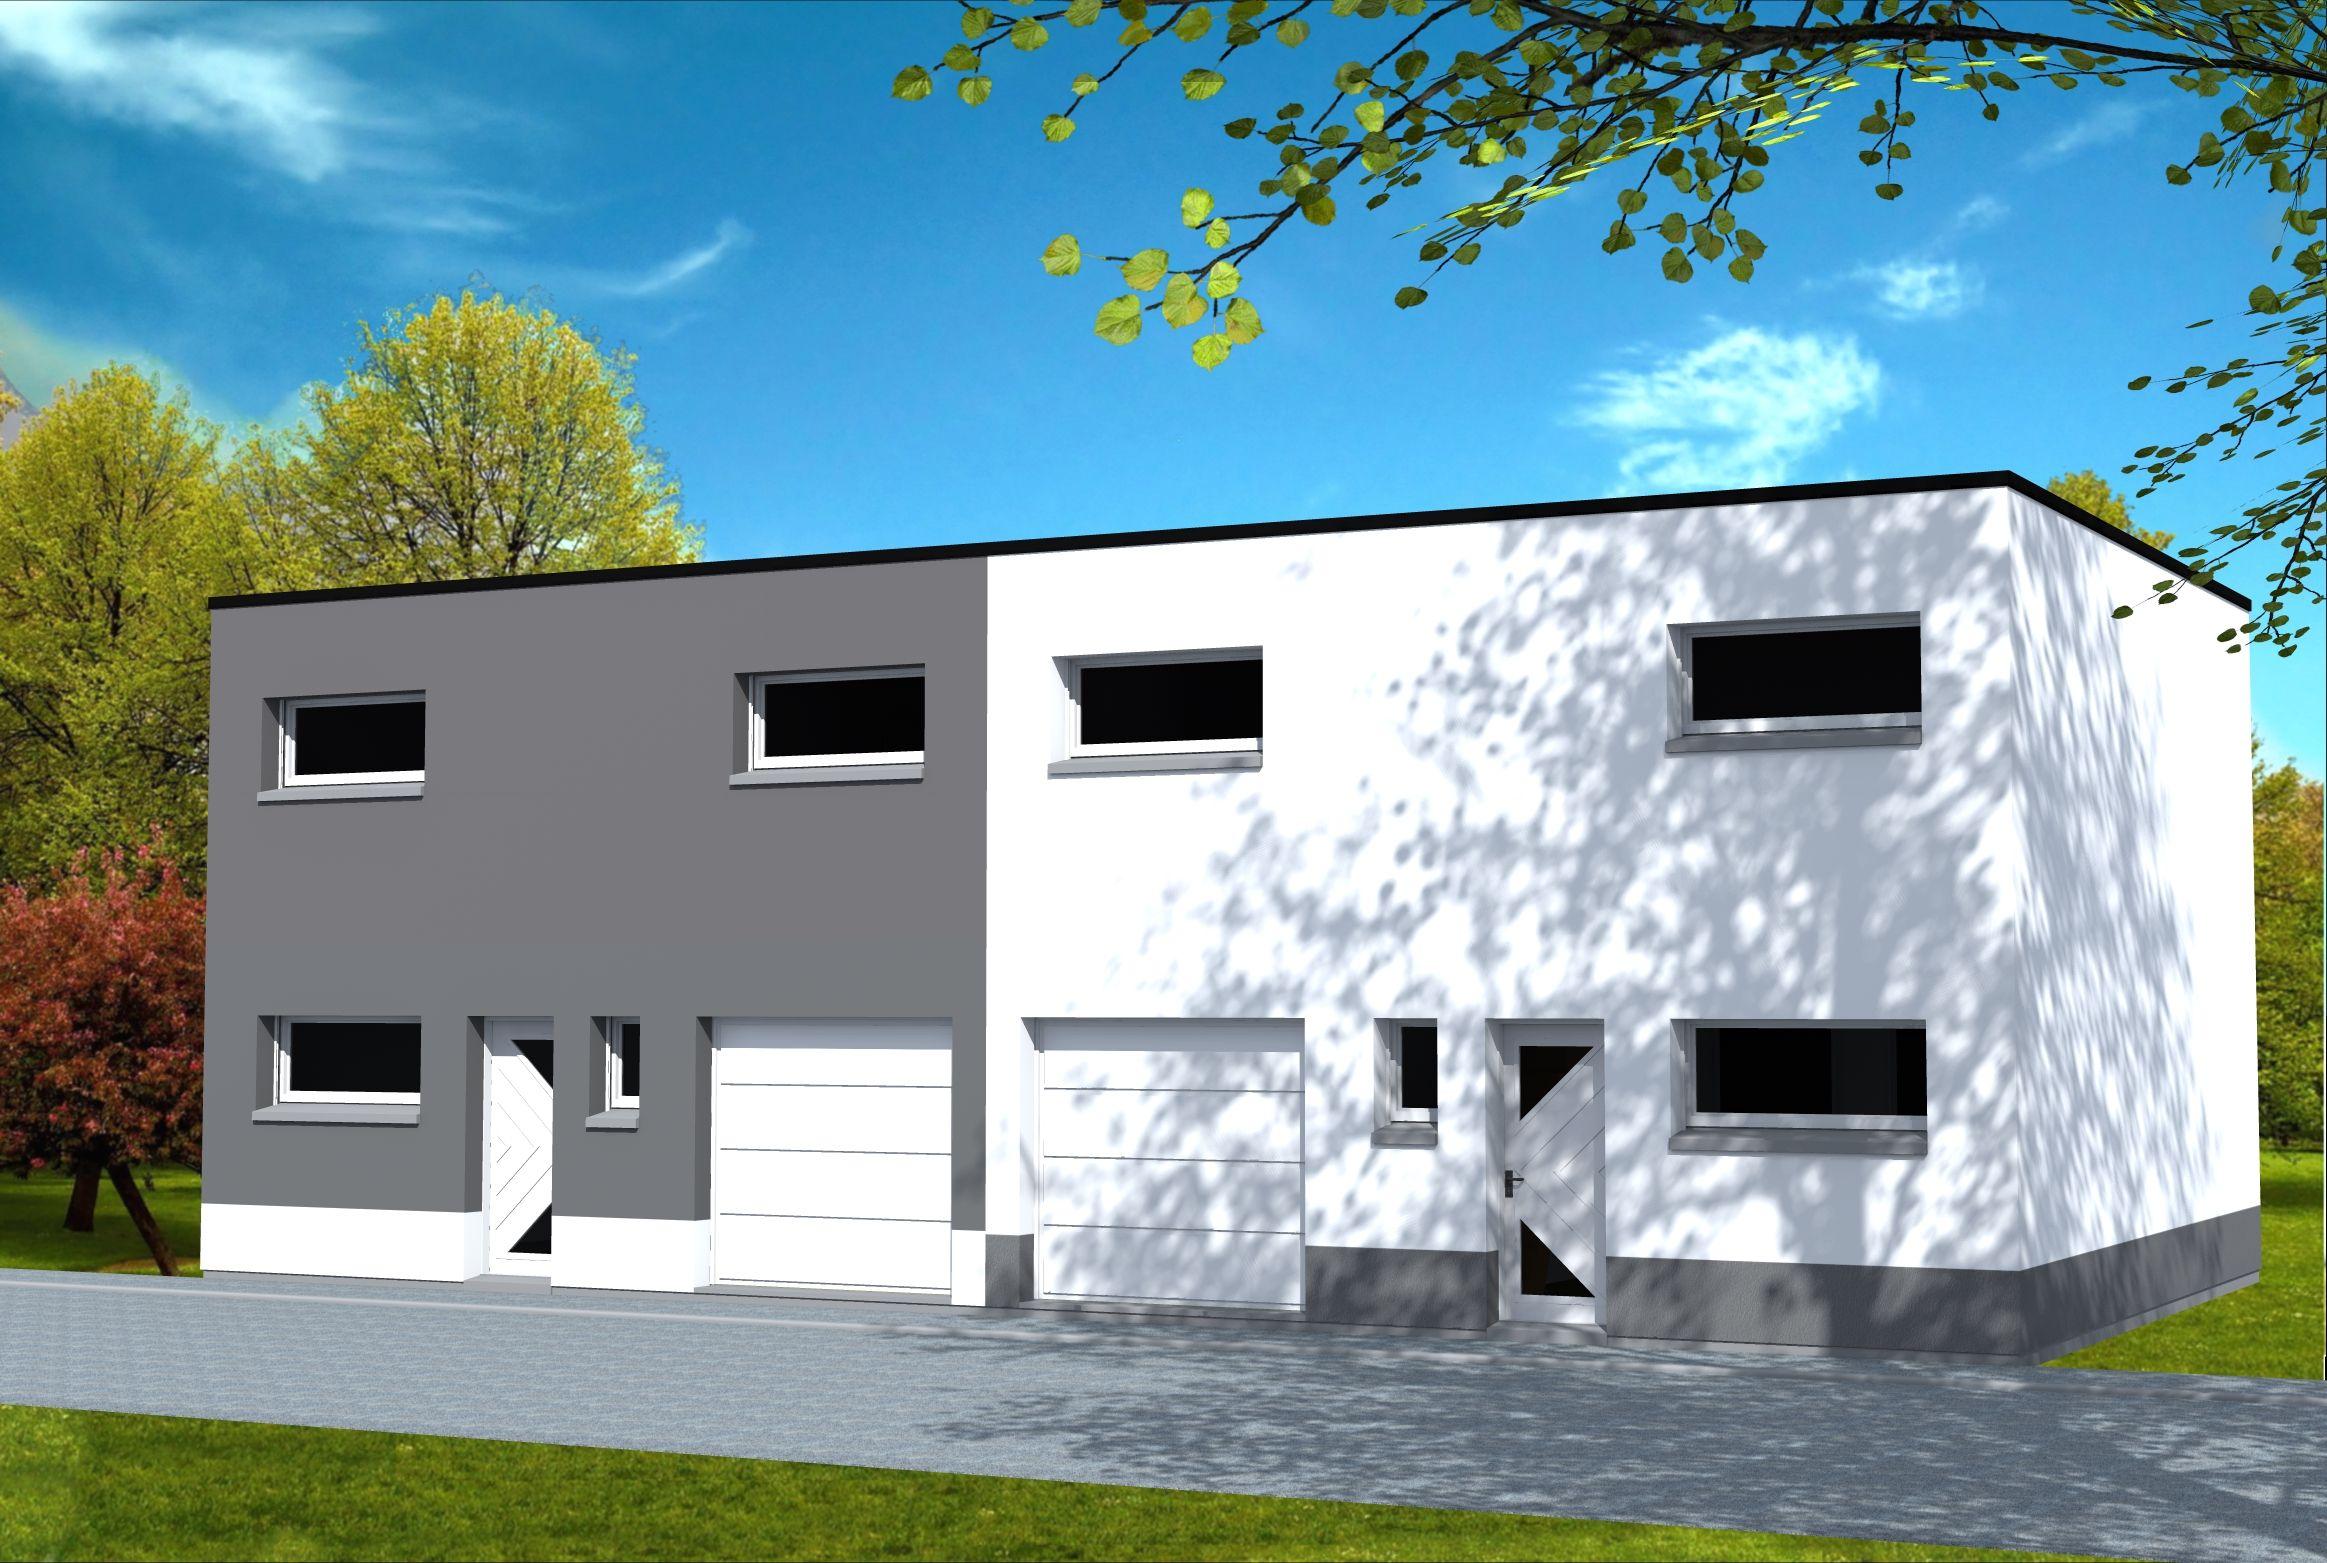 Constructeur Maison Container Nord maison 2 logements pour investisseur | logement, maison